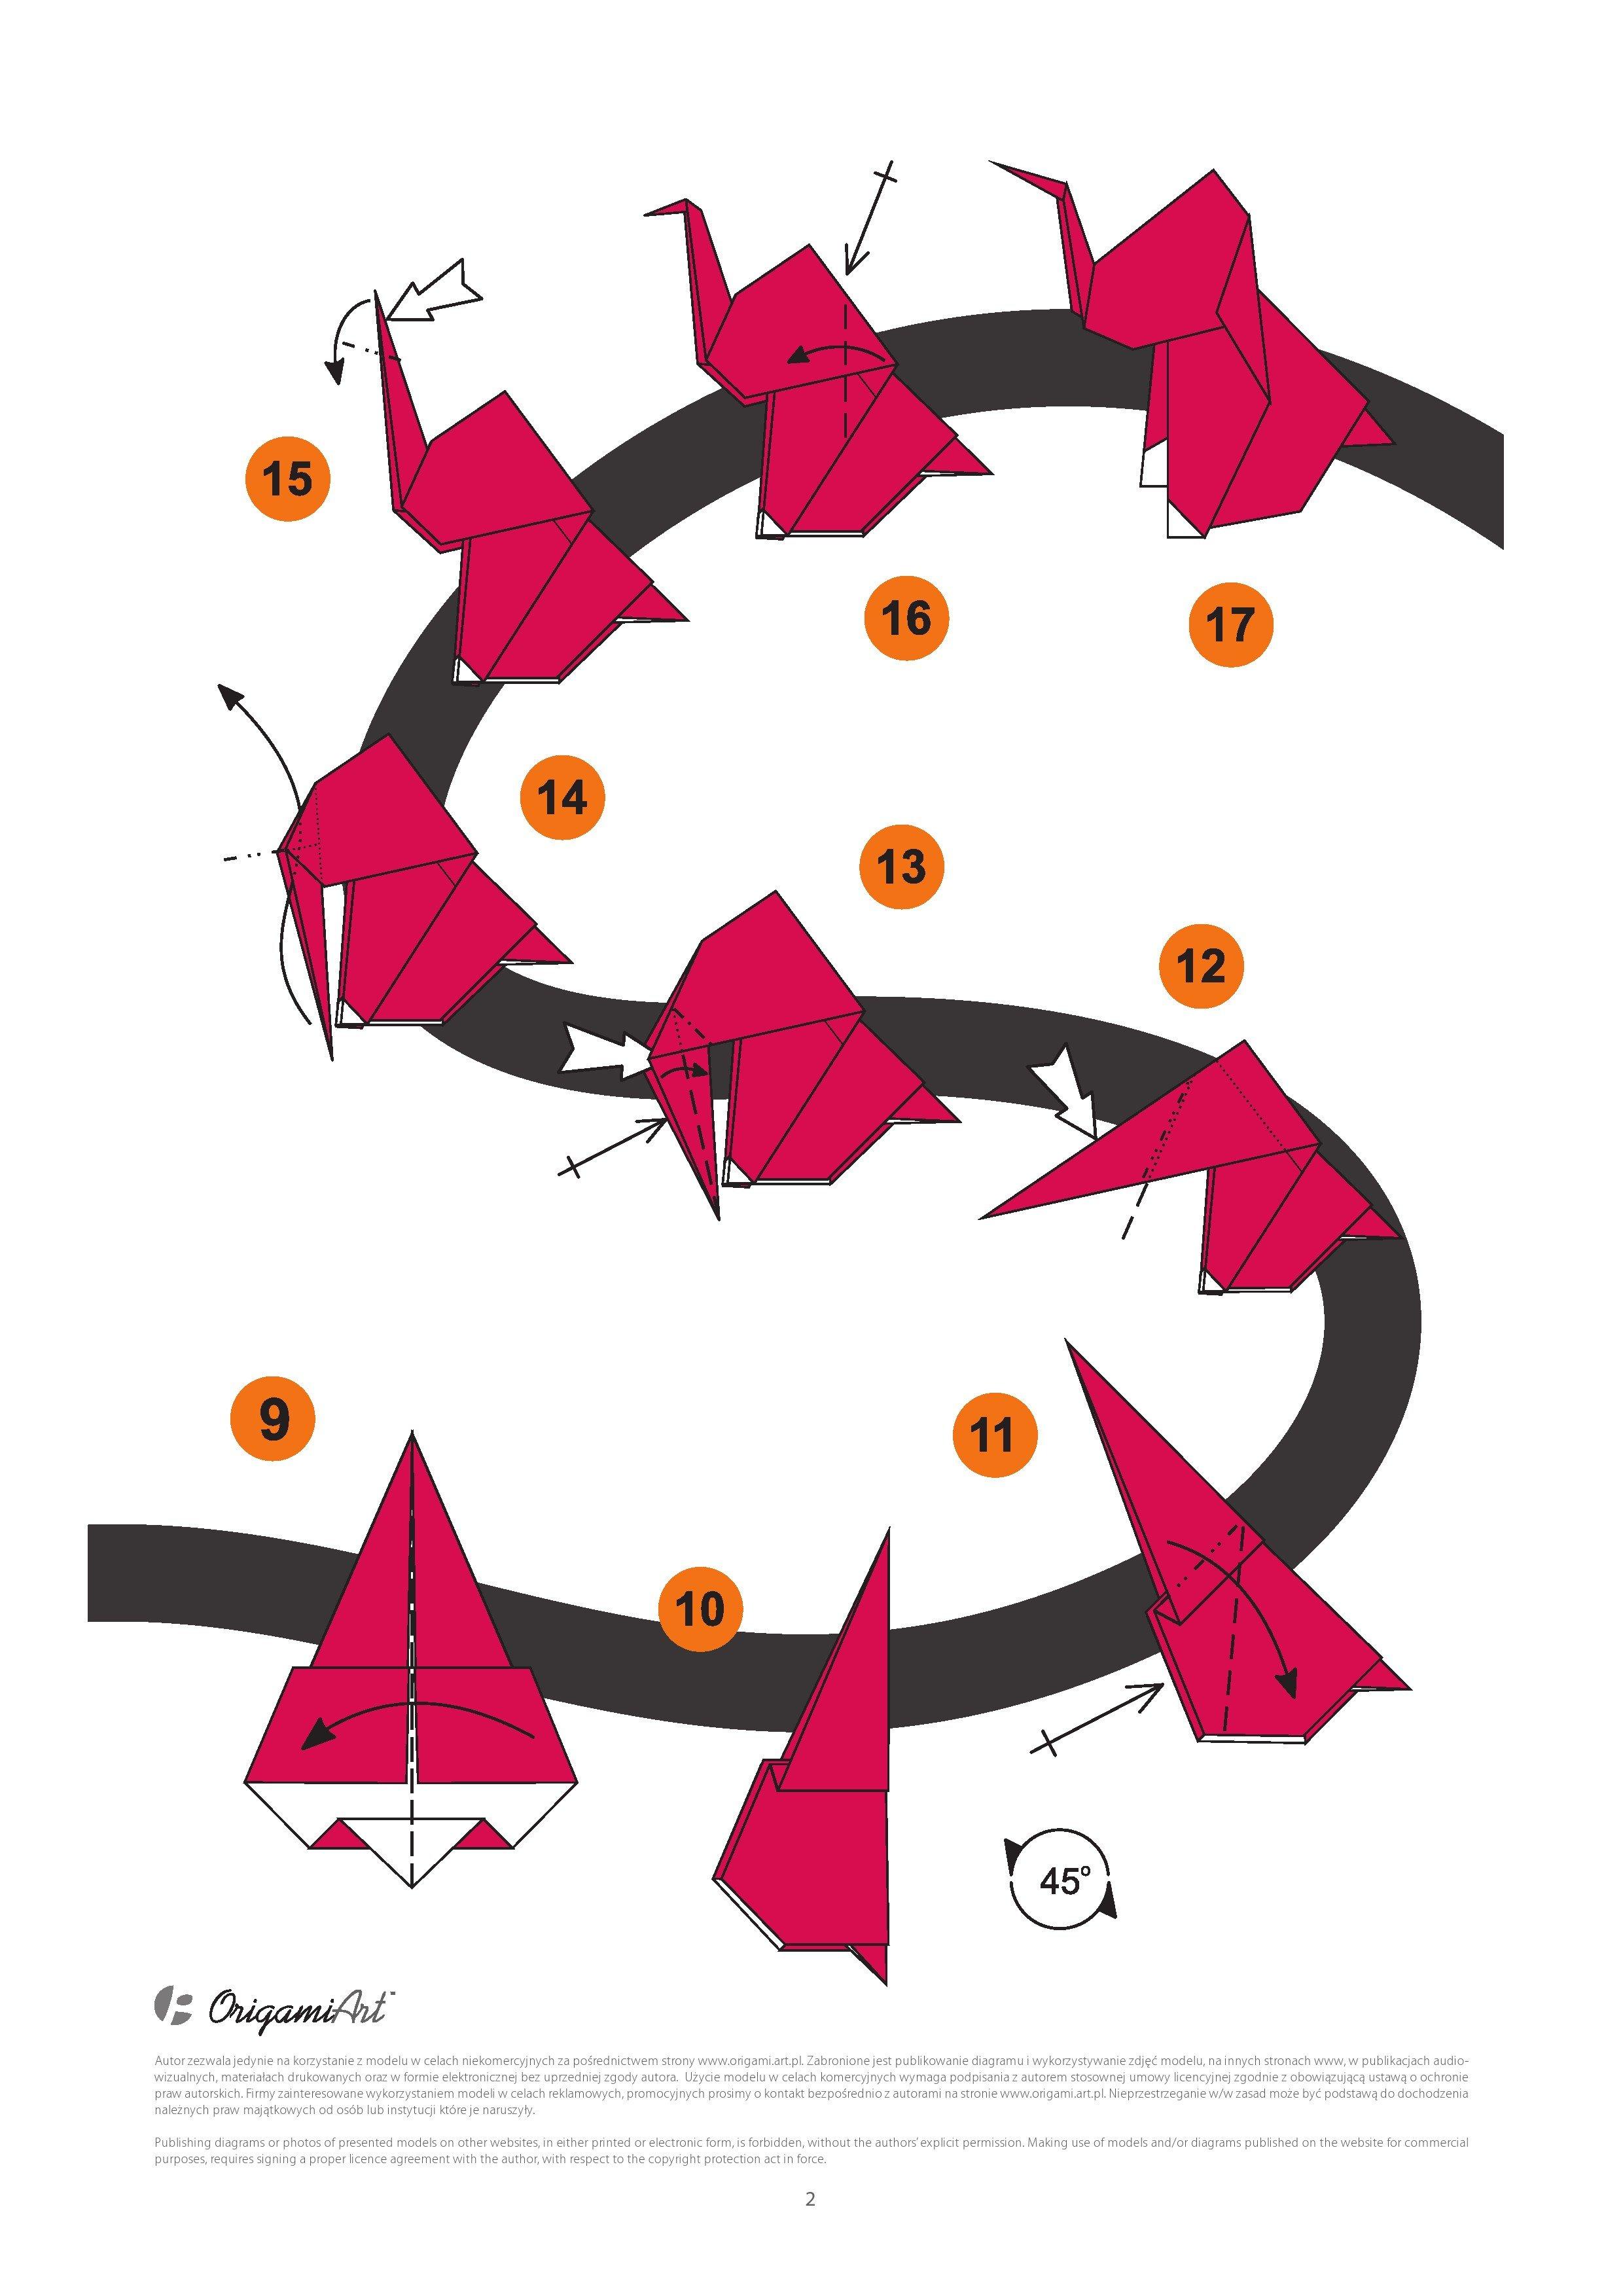 Słoń 2 - tradycyjny model origami